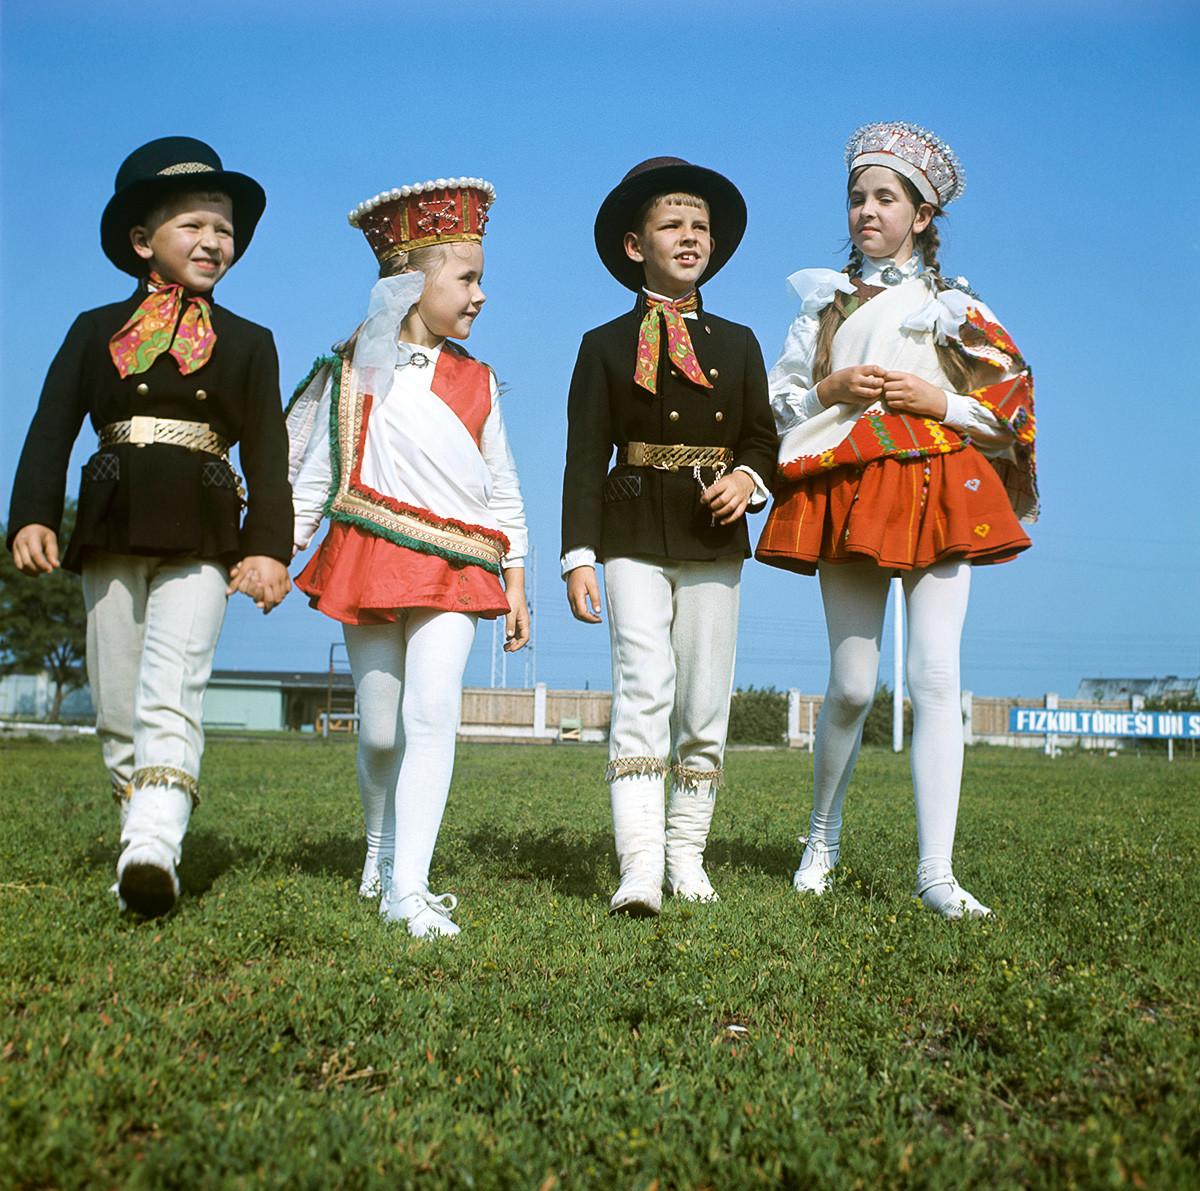 Participantes de un festival folclórico letón